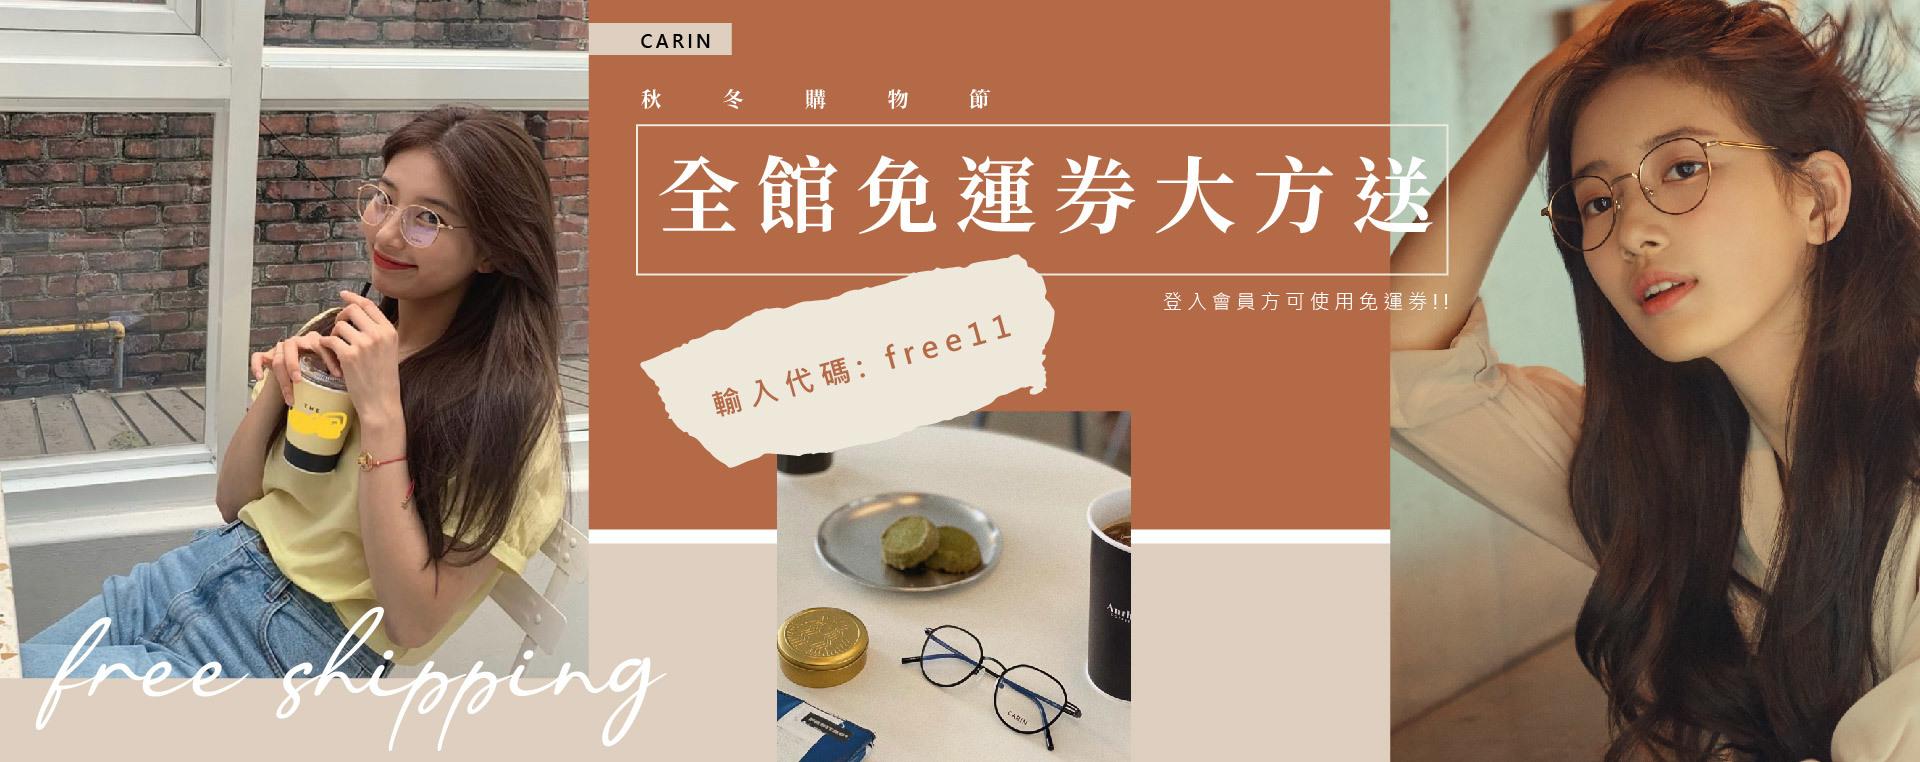 carin, 活動, 眼鏡, 墨鏡, 秀智, 韓國, 會員